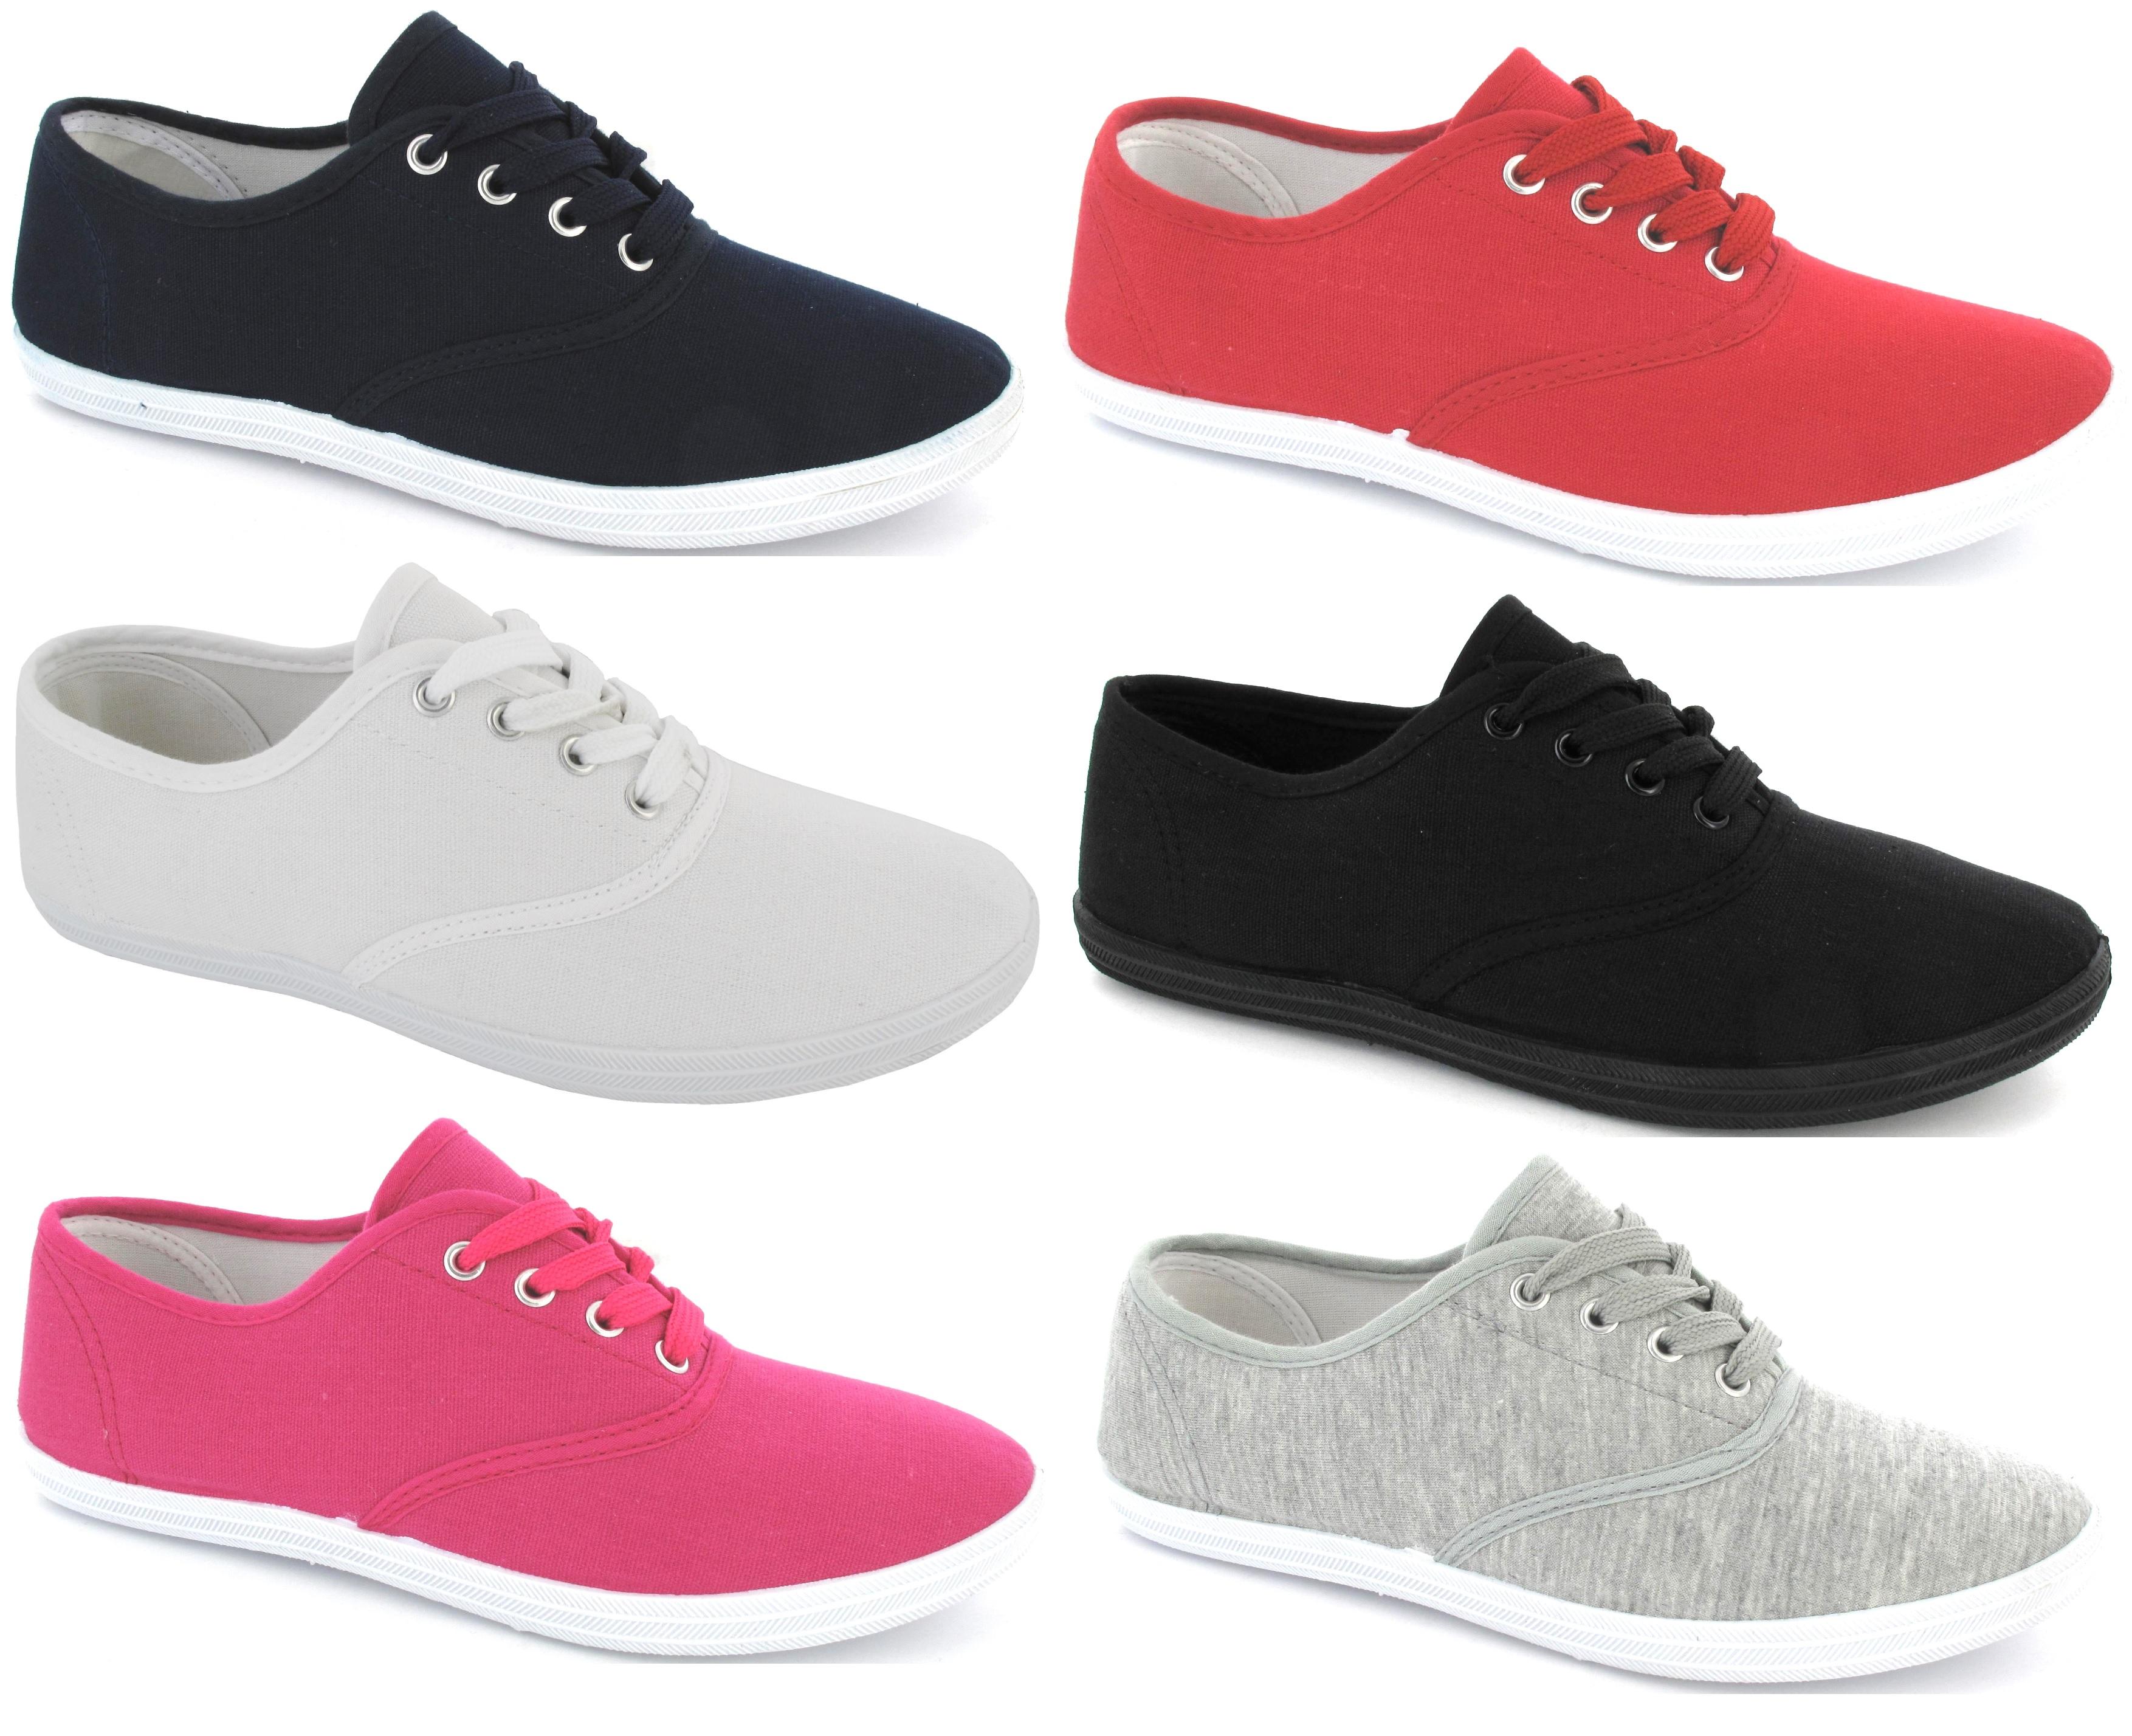 Detalles de Nuevo Mujer Plano Zapatillas Cordones Niña Blanco de Lona Talla